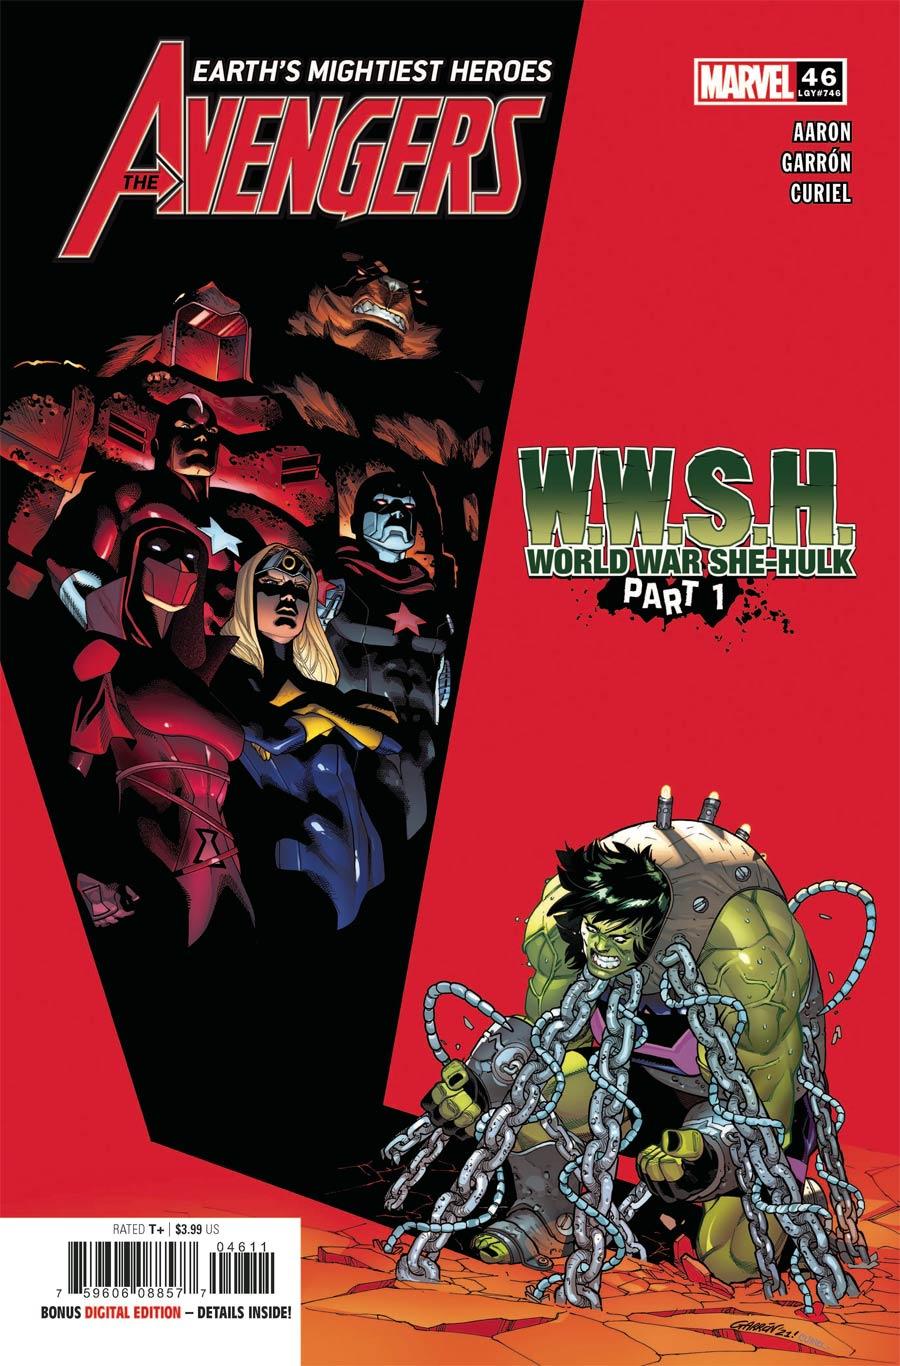 Avengers Vol 7 #46 Cover A Regular Javier Garron Cover